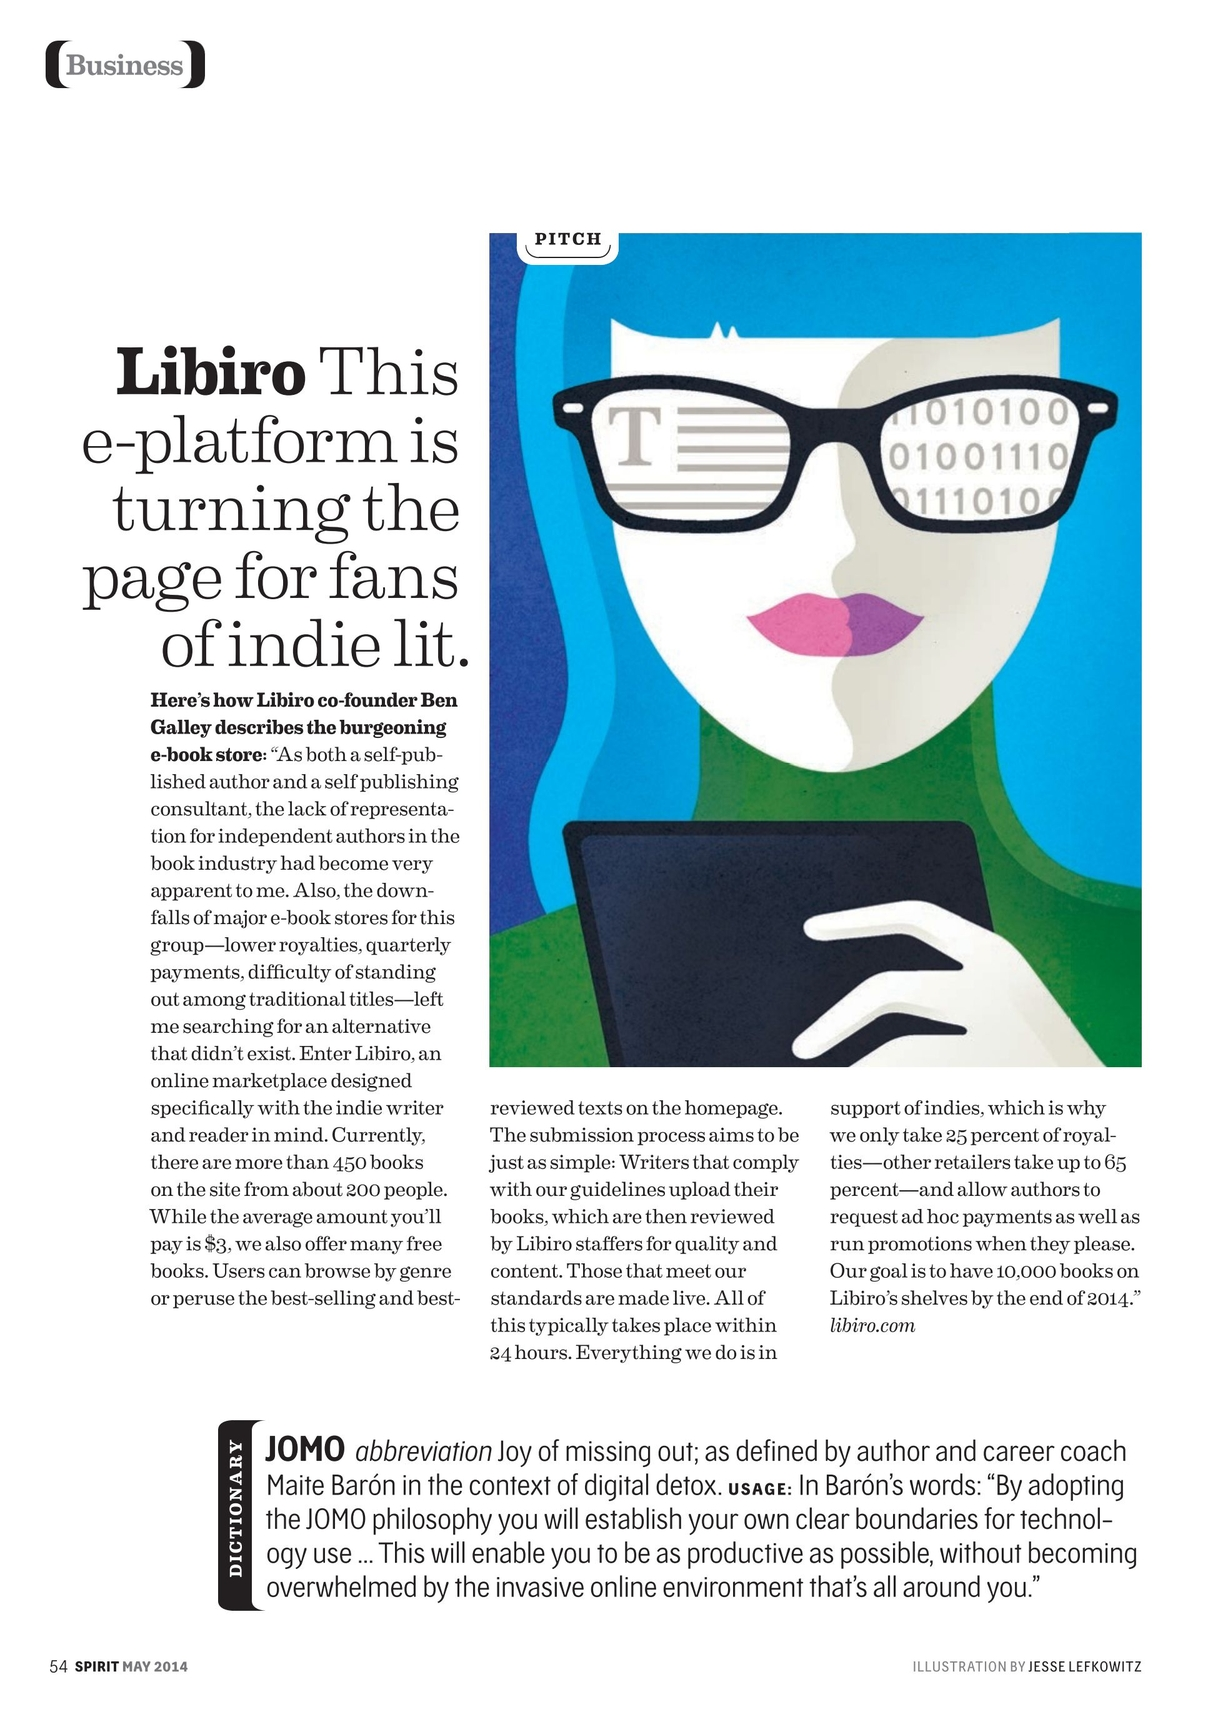 Spirit Magazine - May 2014